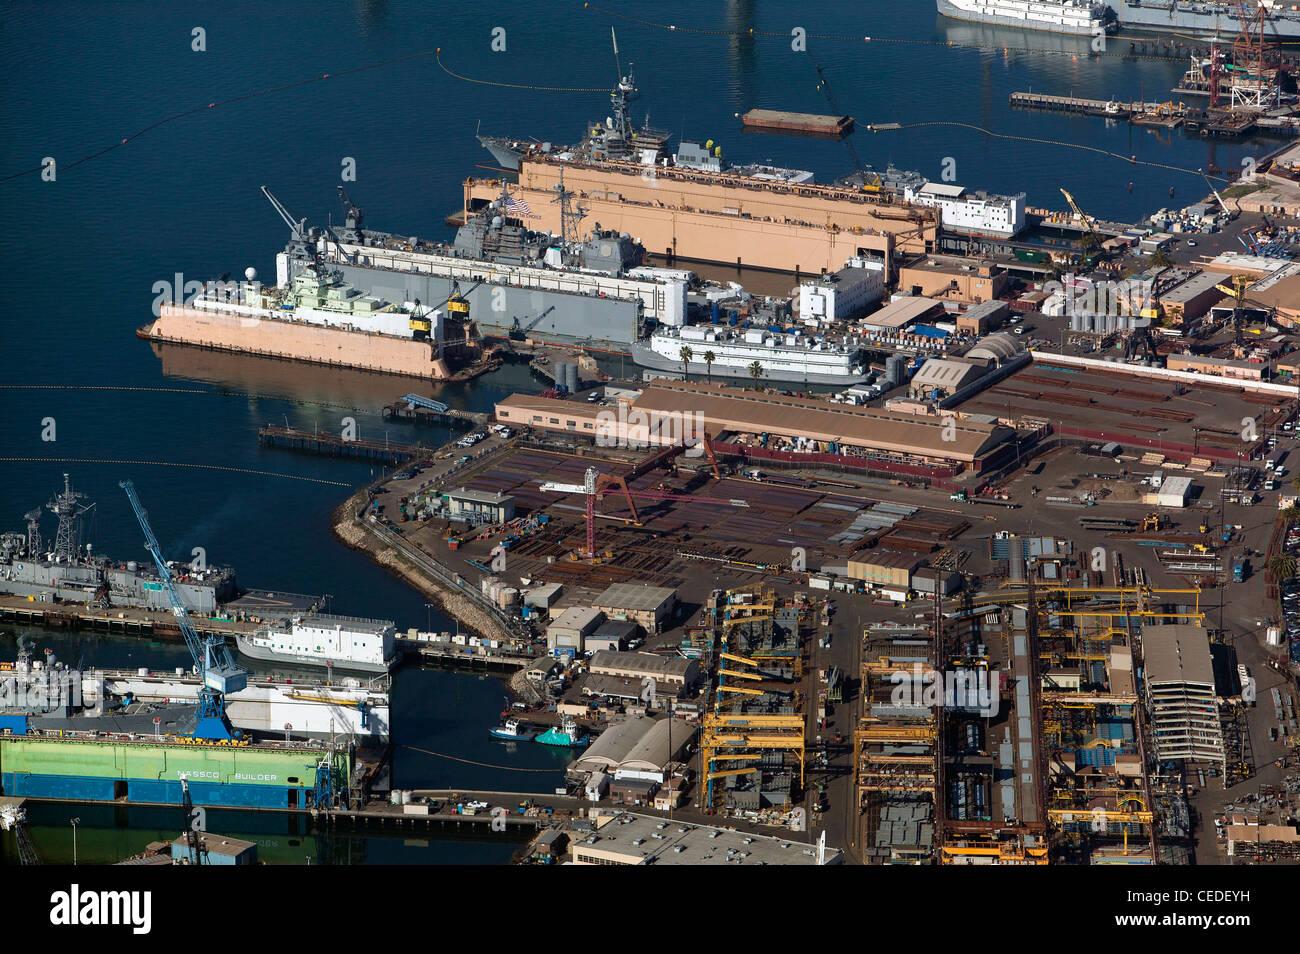 Vista aerea al di sopra di General Dynamics NASSCO nave cantiere Porto di San Diego Immagini Stock